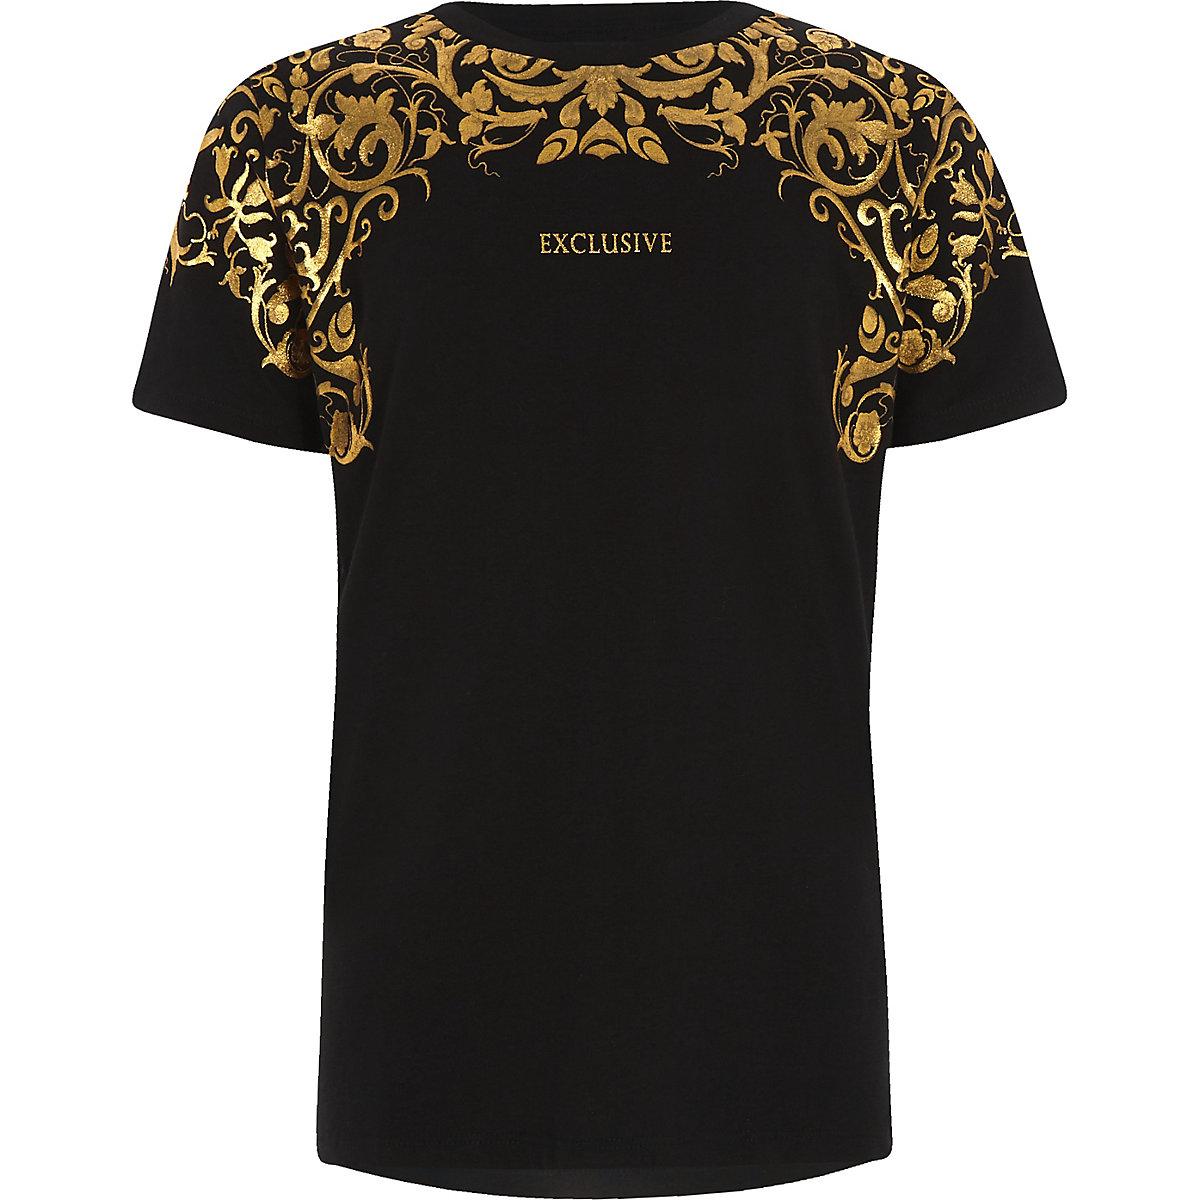 Boys 'exclusive' gold foil print T-shirt